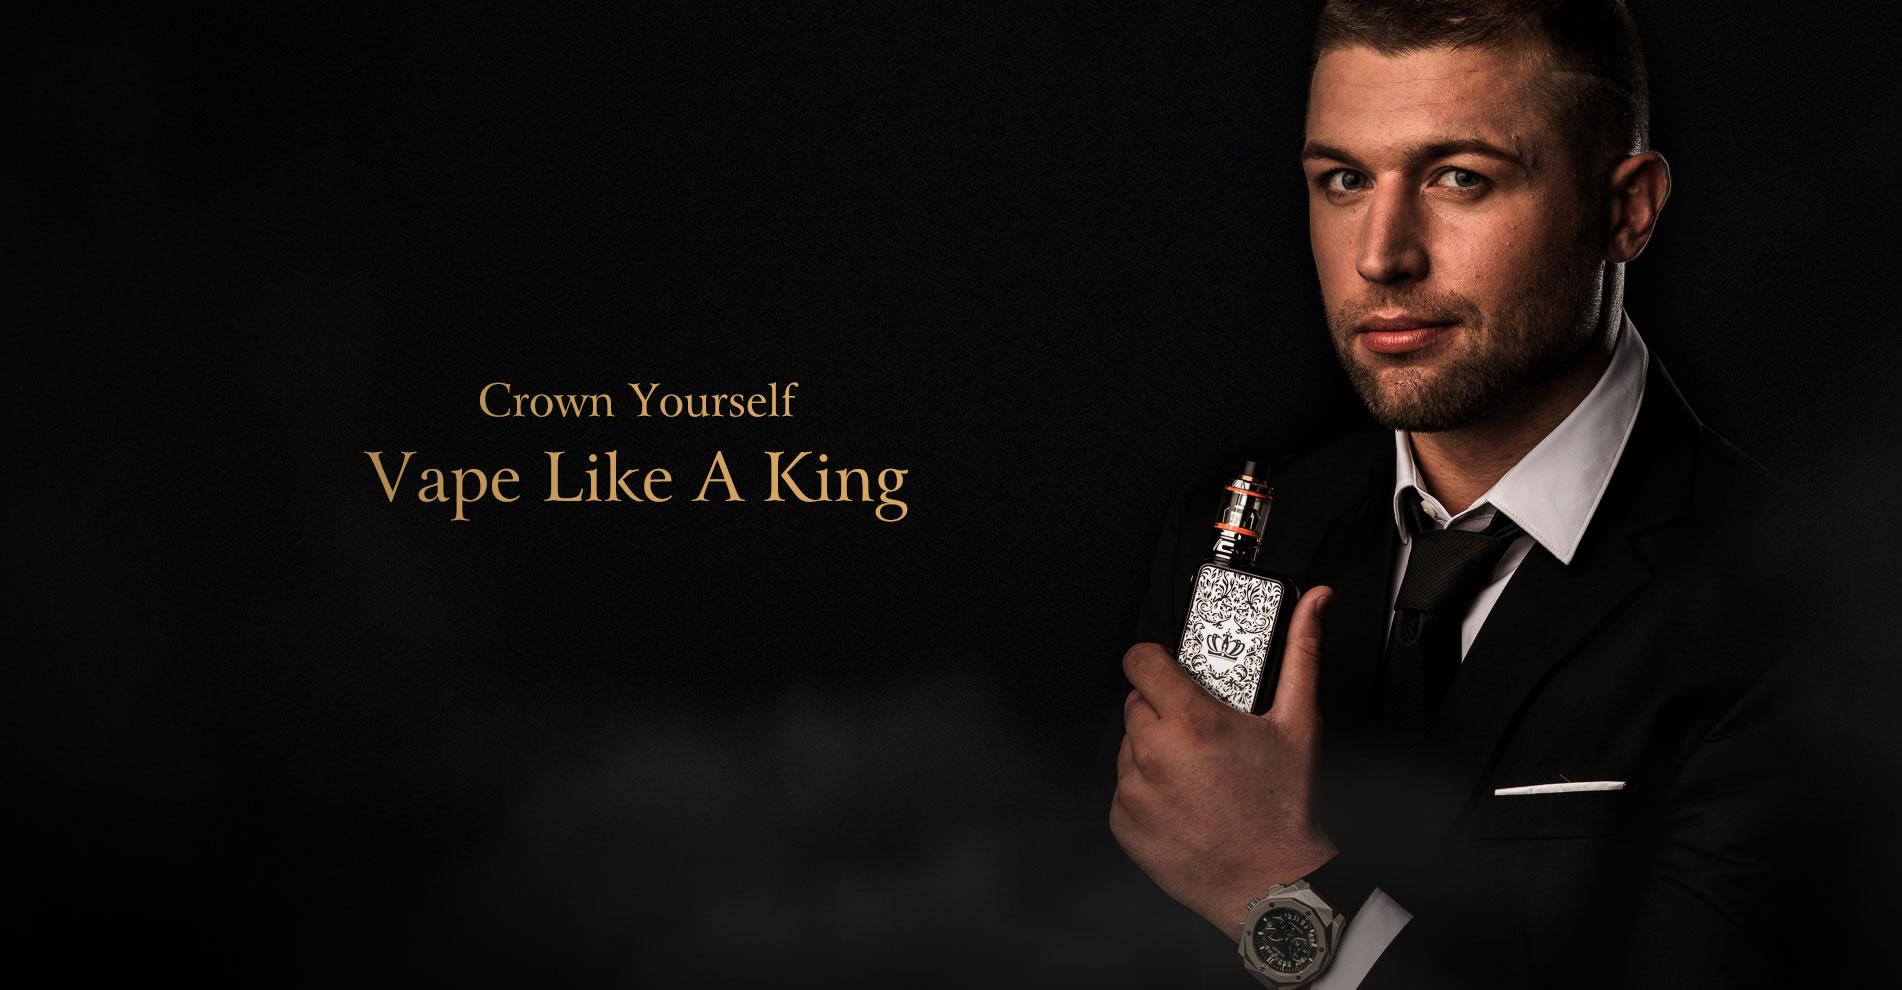 Uwell Crown IV Kit Vape Like A King